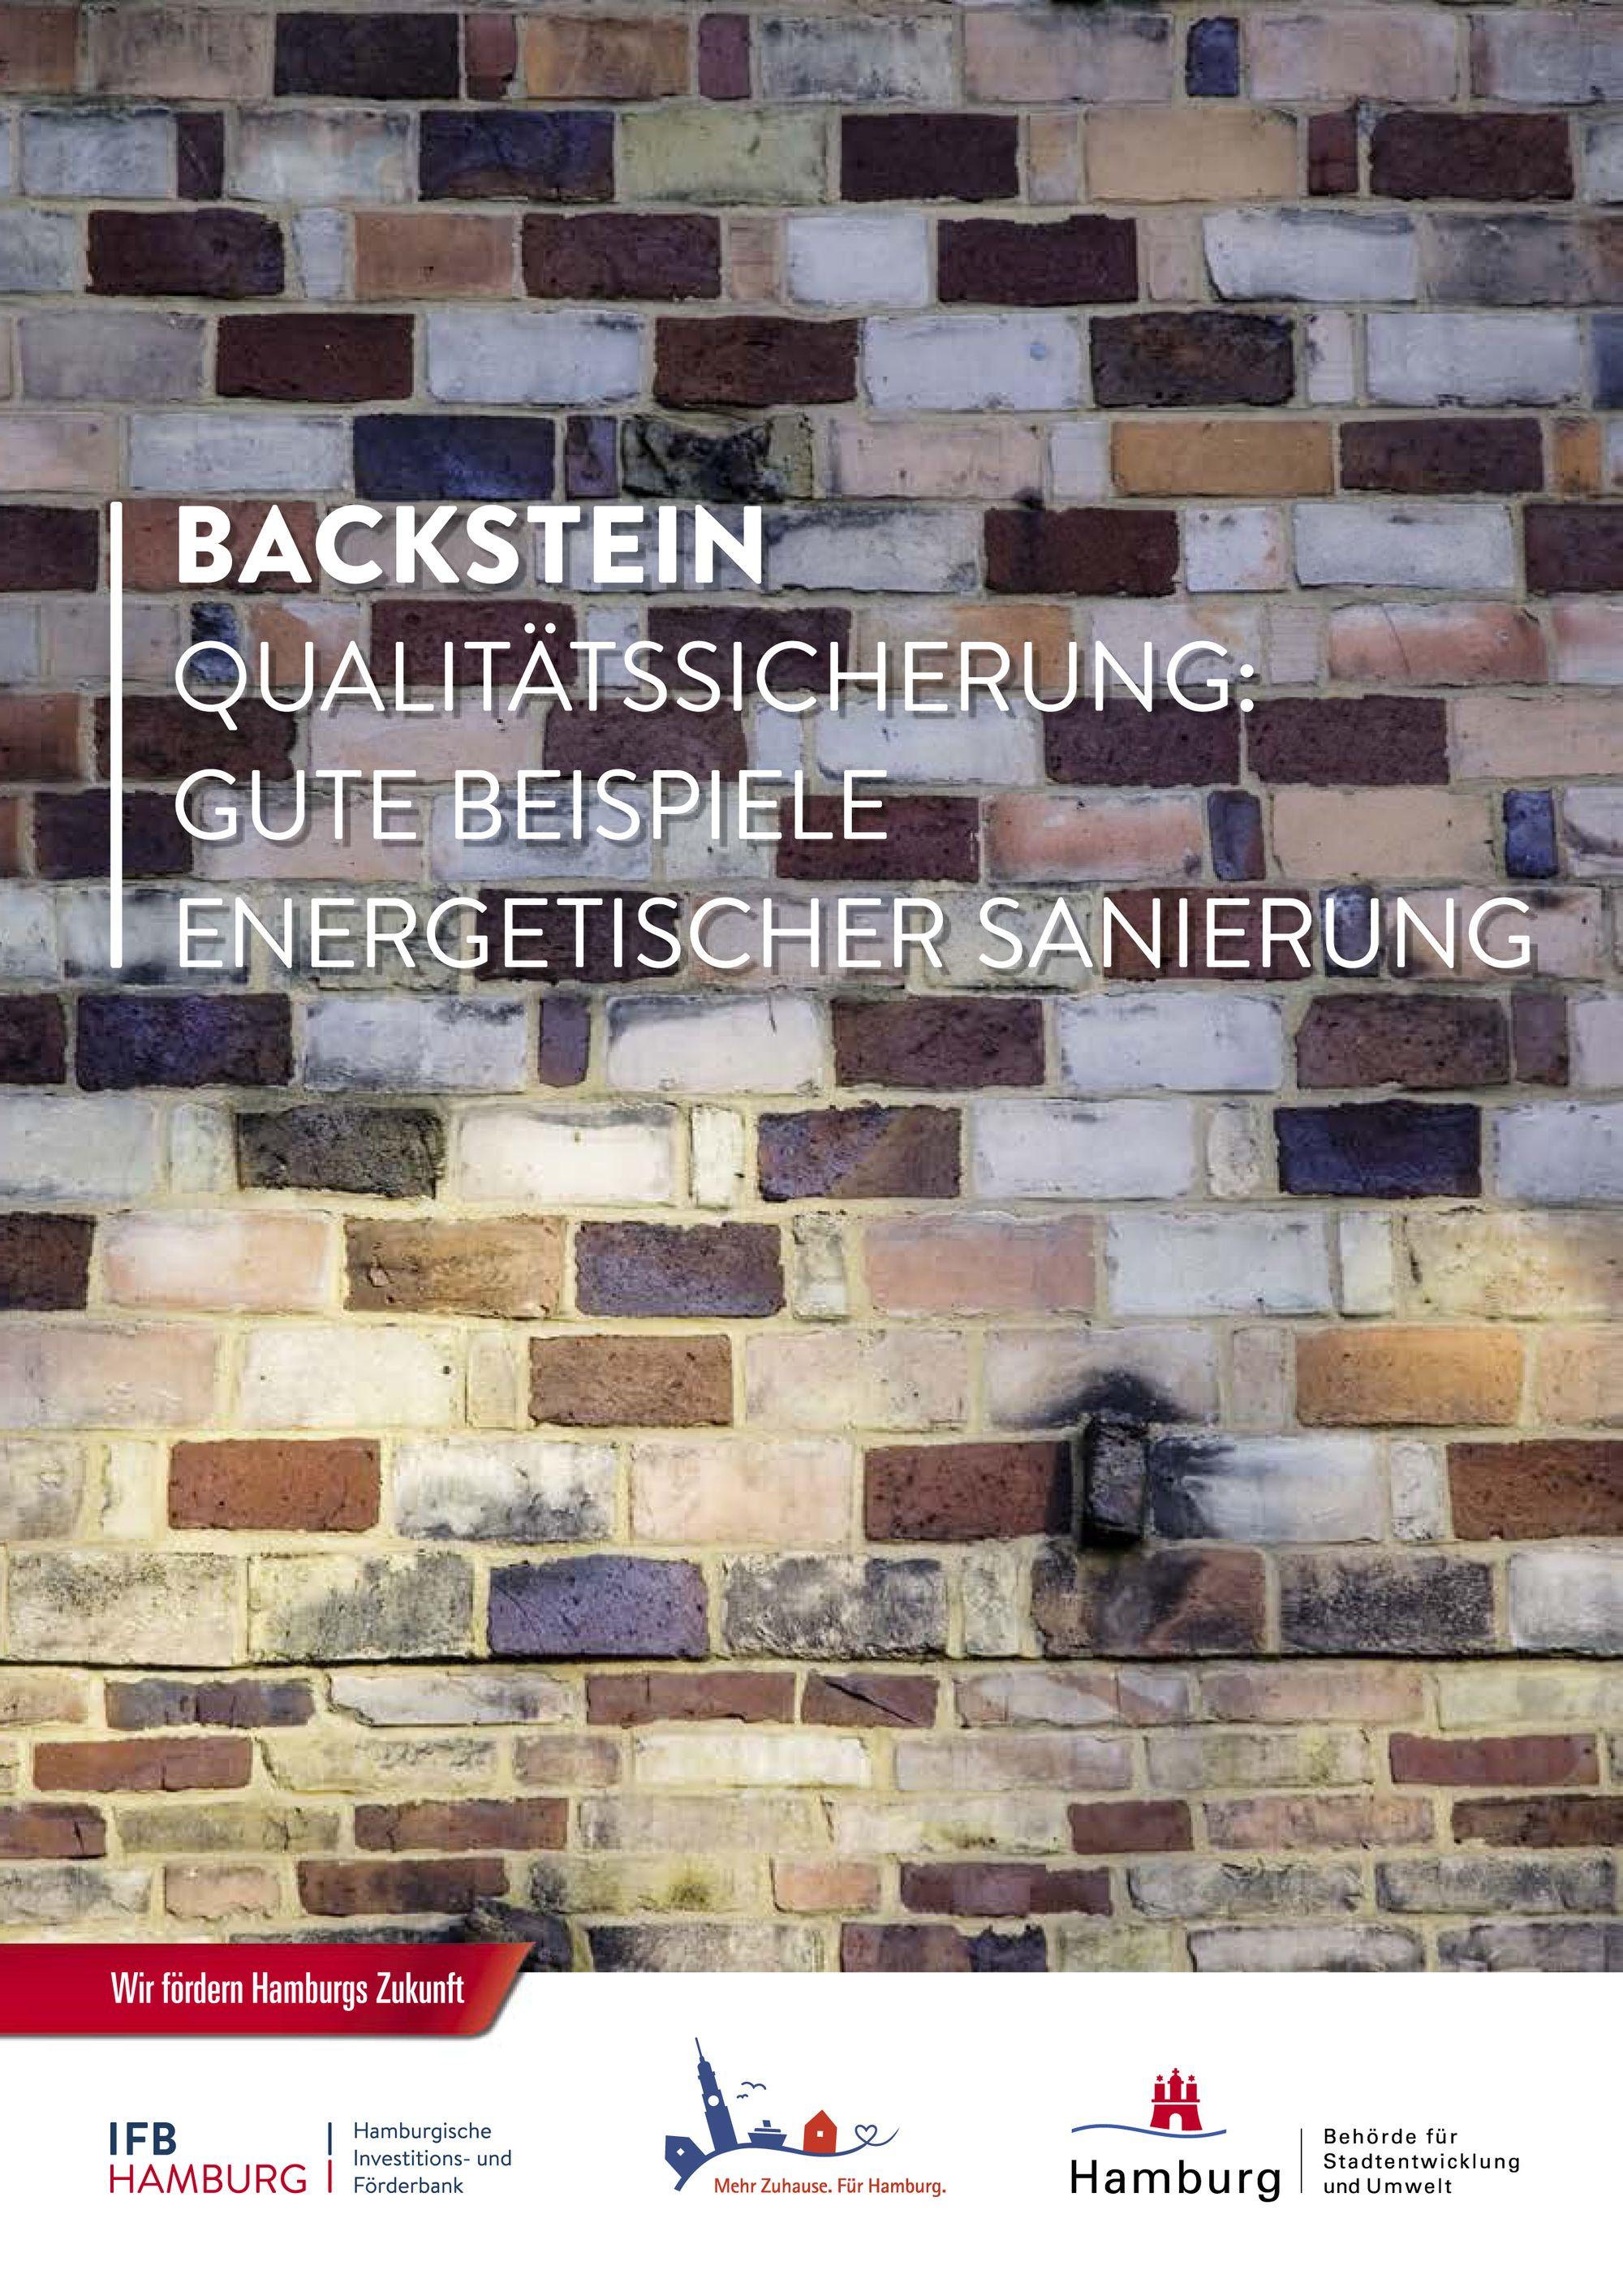 Backstein Qualitätssicherung: Gute Beispiele Energetischer Sanierung